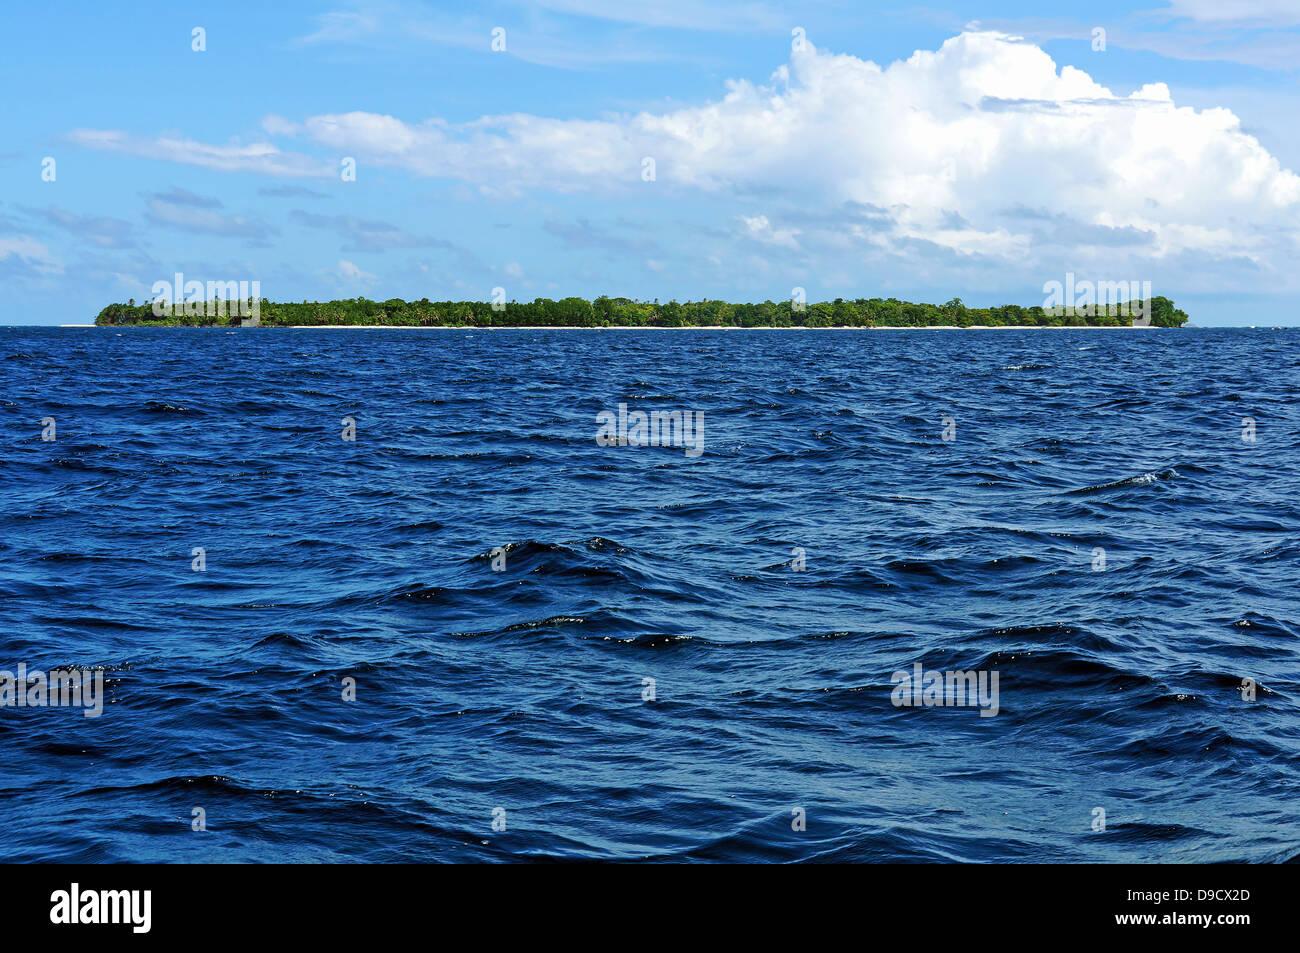 Incontaminata isola tropicale con vegetazione lussureggiante all'orizzonte, Bocas del Toro, Panama Immagini Stock